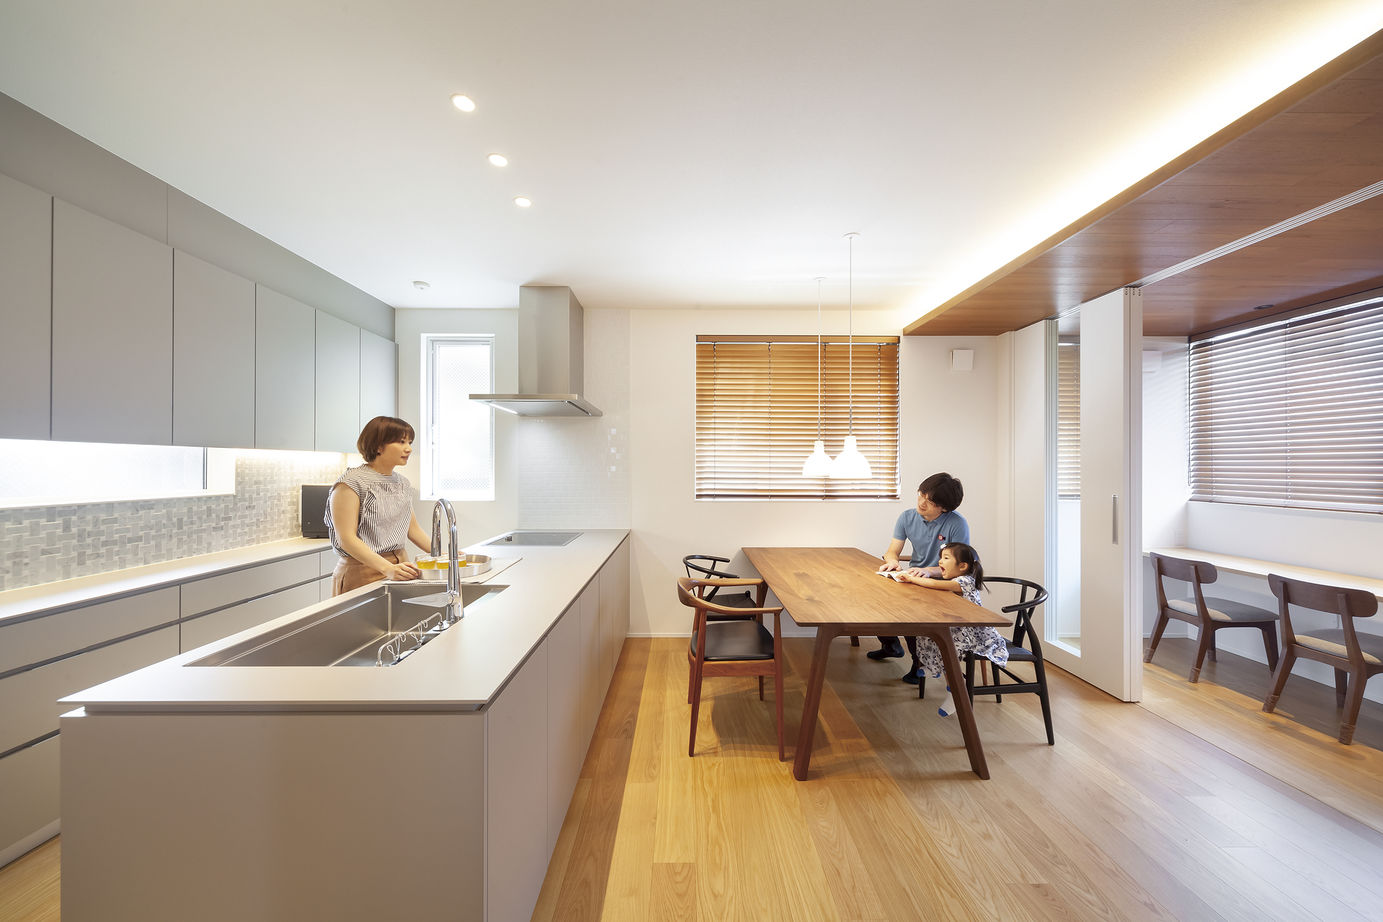 【2750万円・高気密高断熱×デザイン】木の風合いとモダンなキッチン。建築家とつくる心地よい住まい画像1